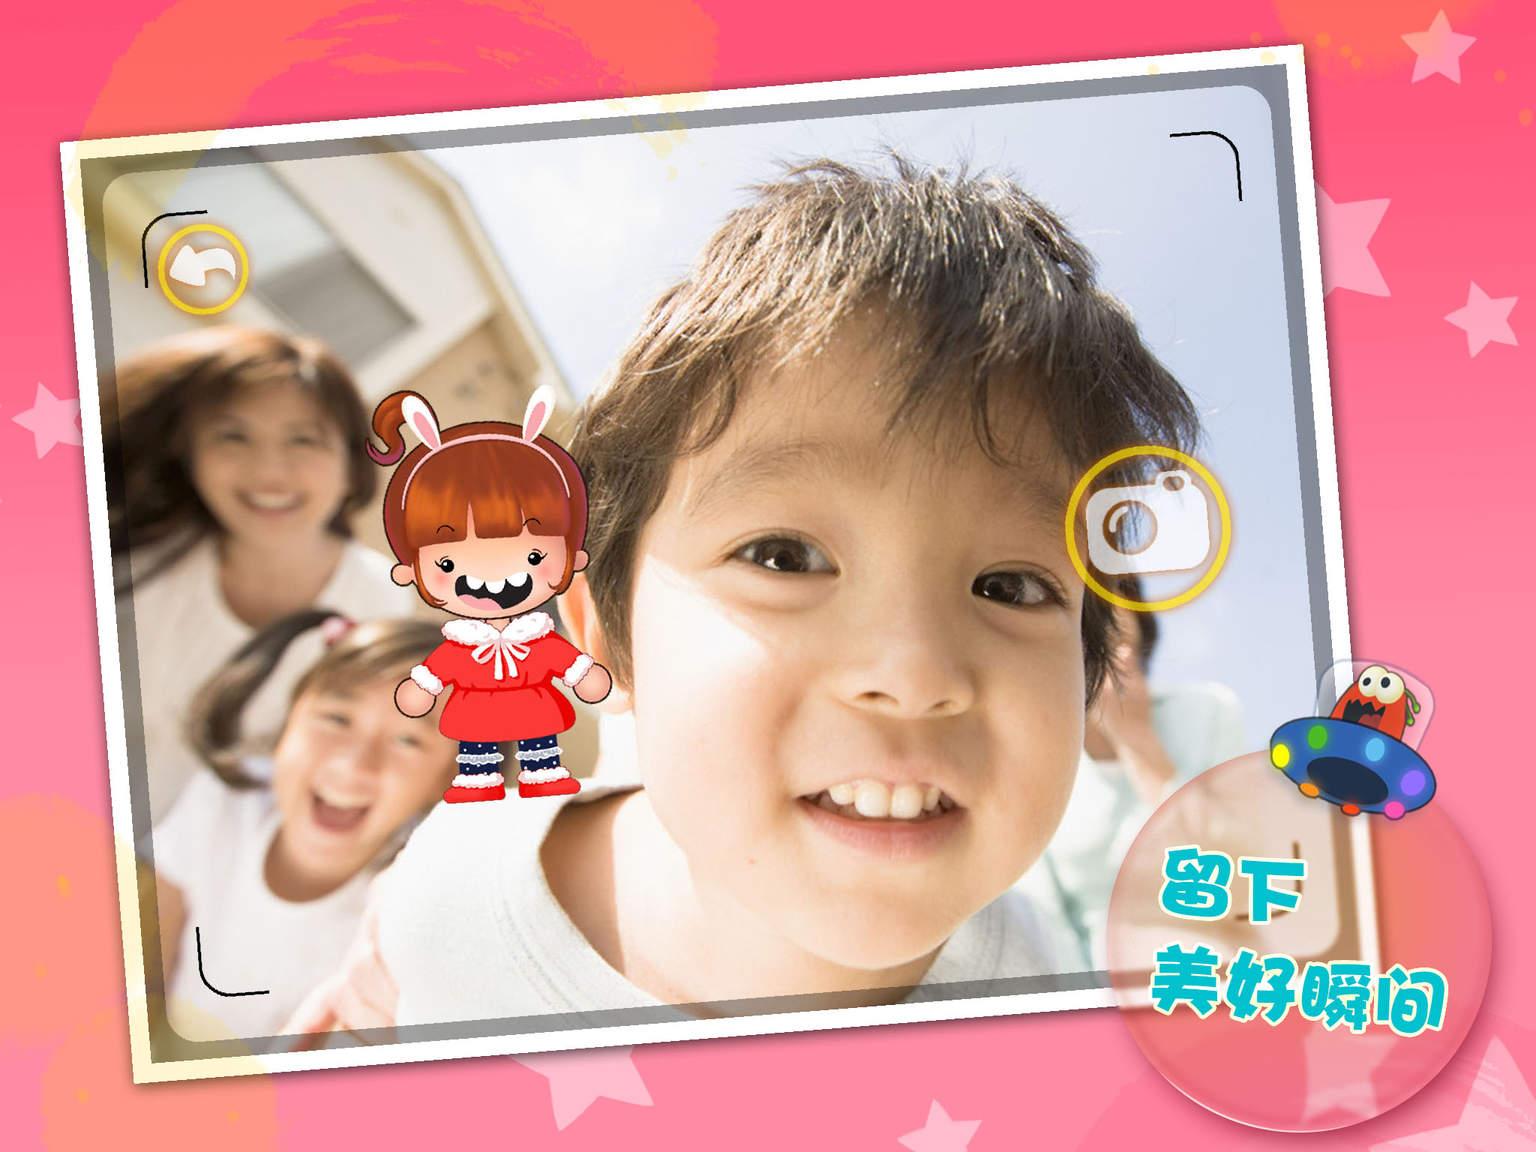 使用相机功能可与可爱宝贝合影,或为角色制作独一无二的